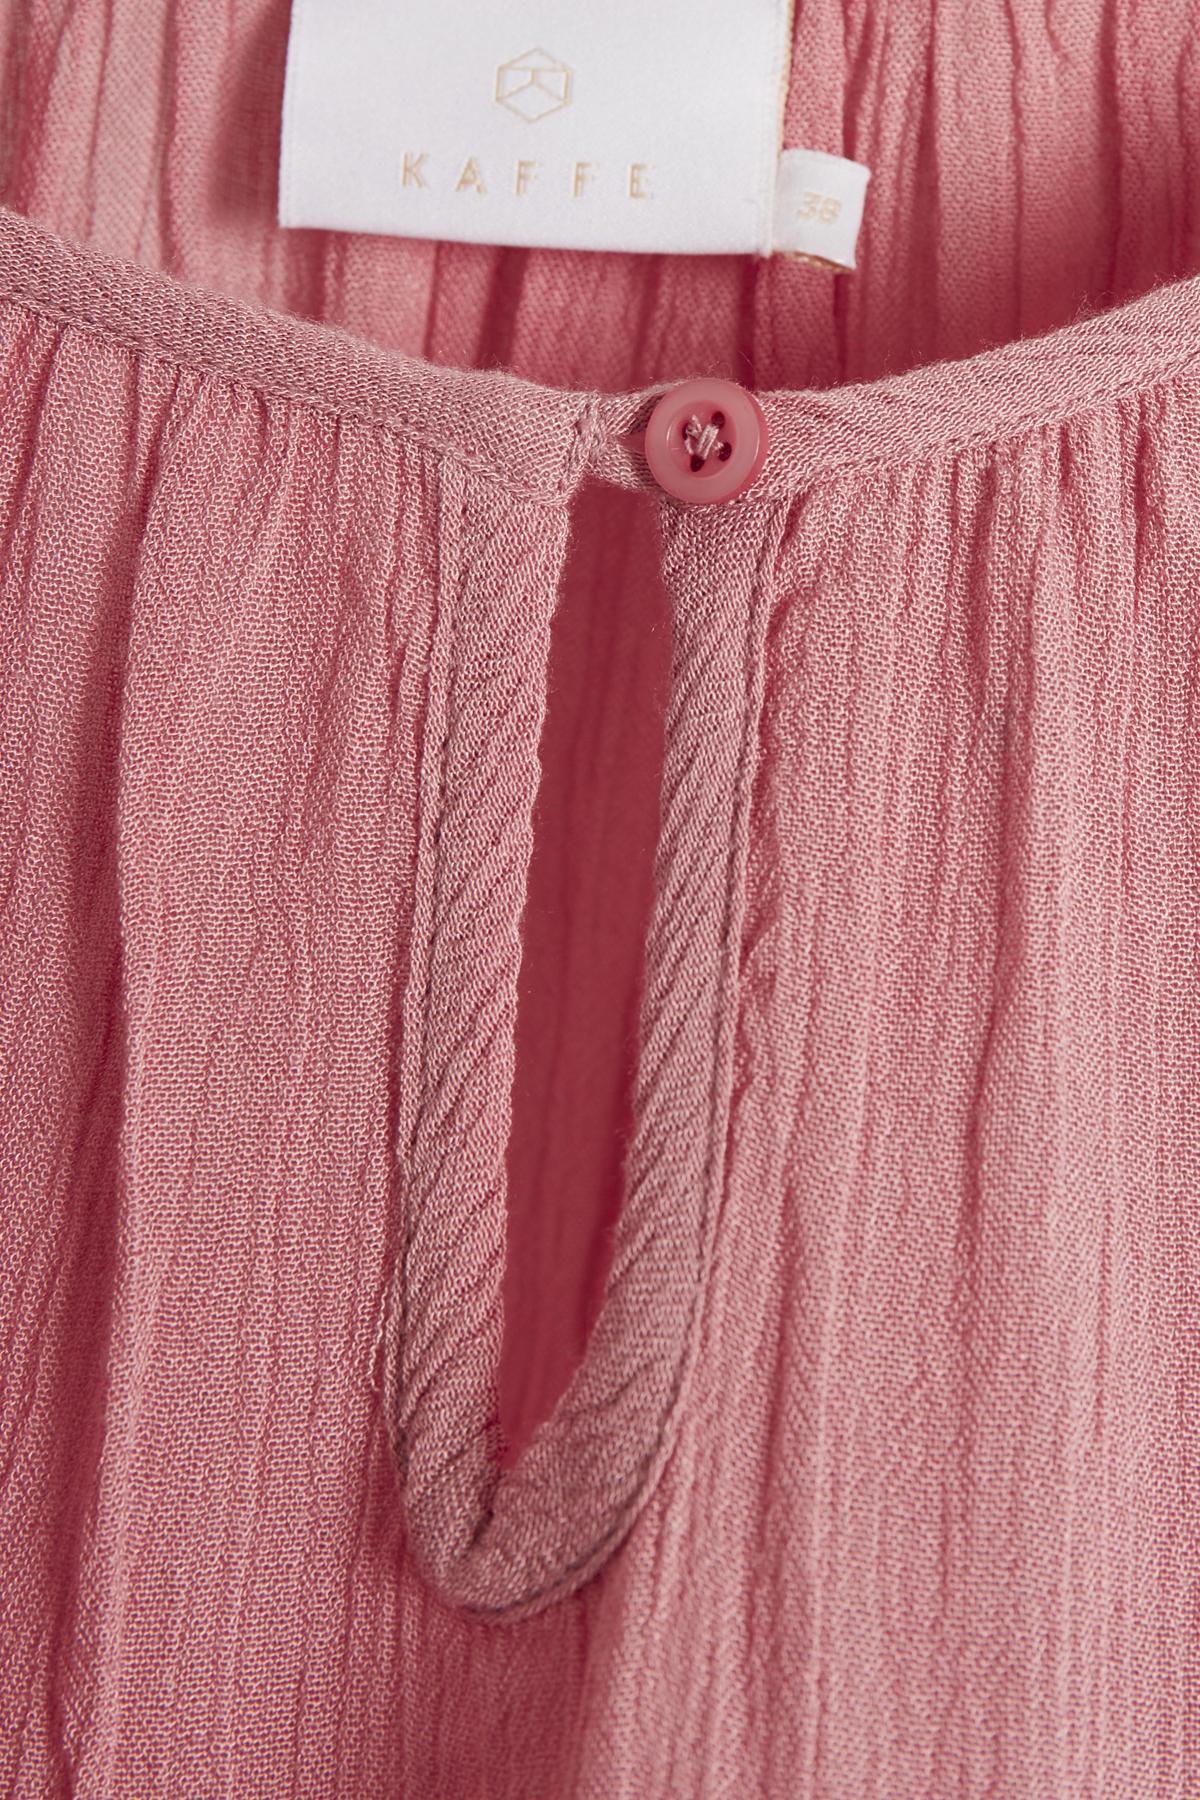 Mörk rosa Tunika från Kaffe – Köp Mörk rosa Tunika från stl. 34-46 här